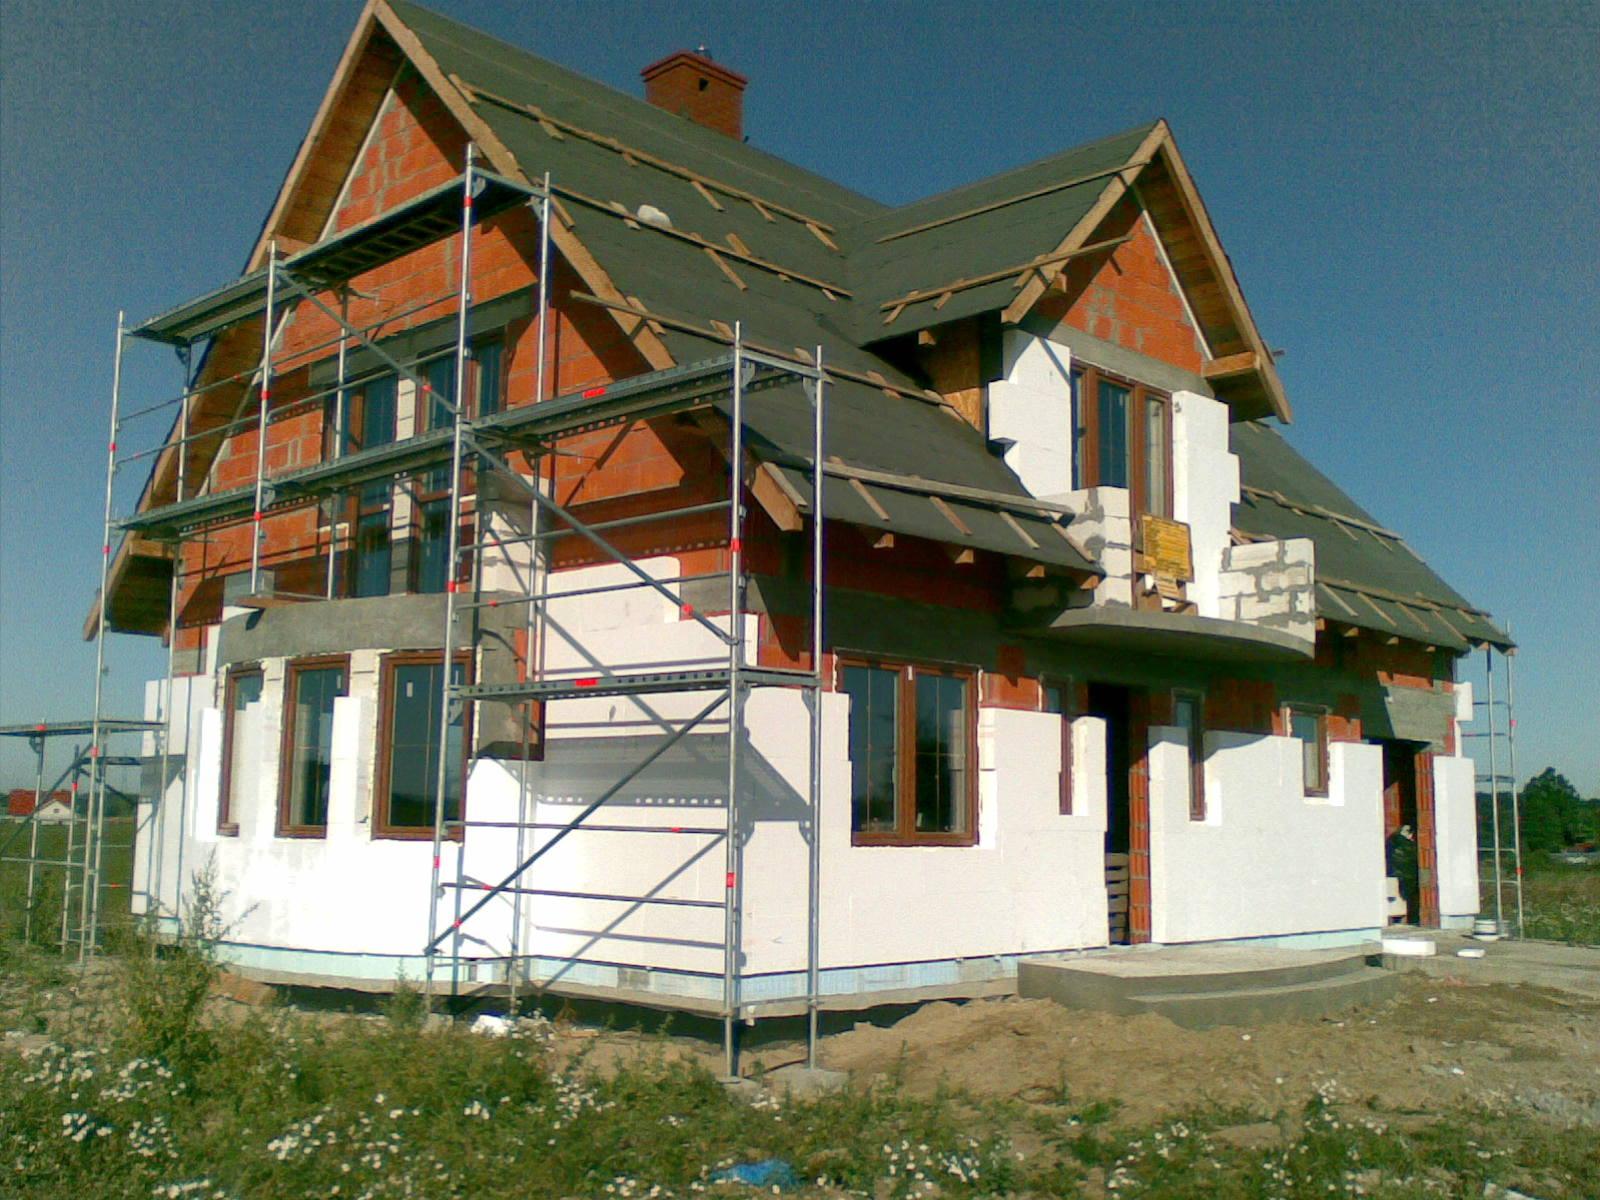 20090830(003).jpg